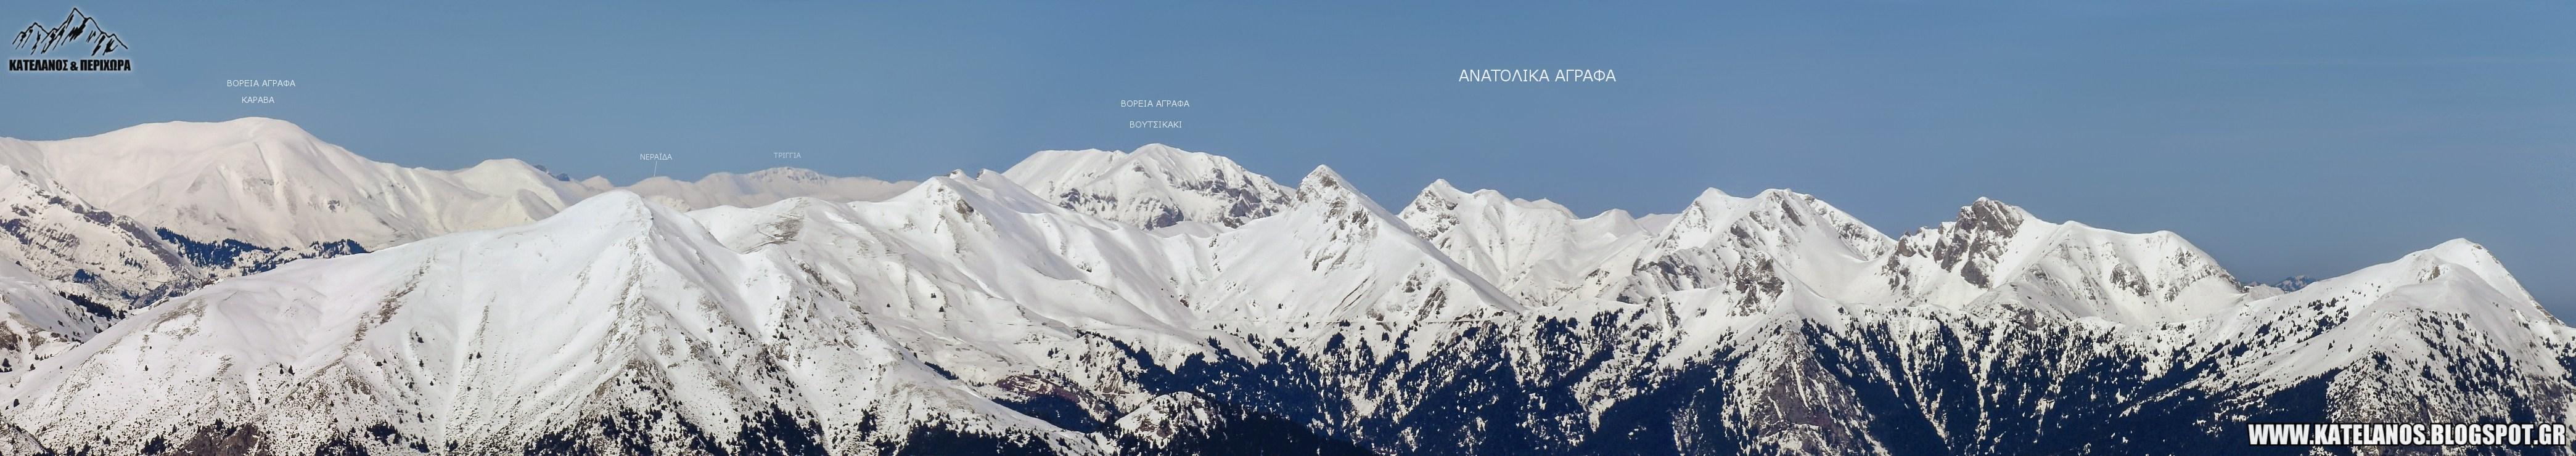 οροσειρά ανατολικών αγράφων βουνοκορφές ευρυτανικά άγραφα